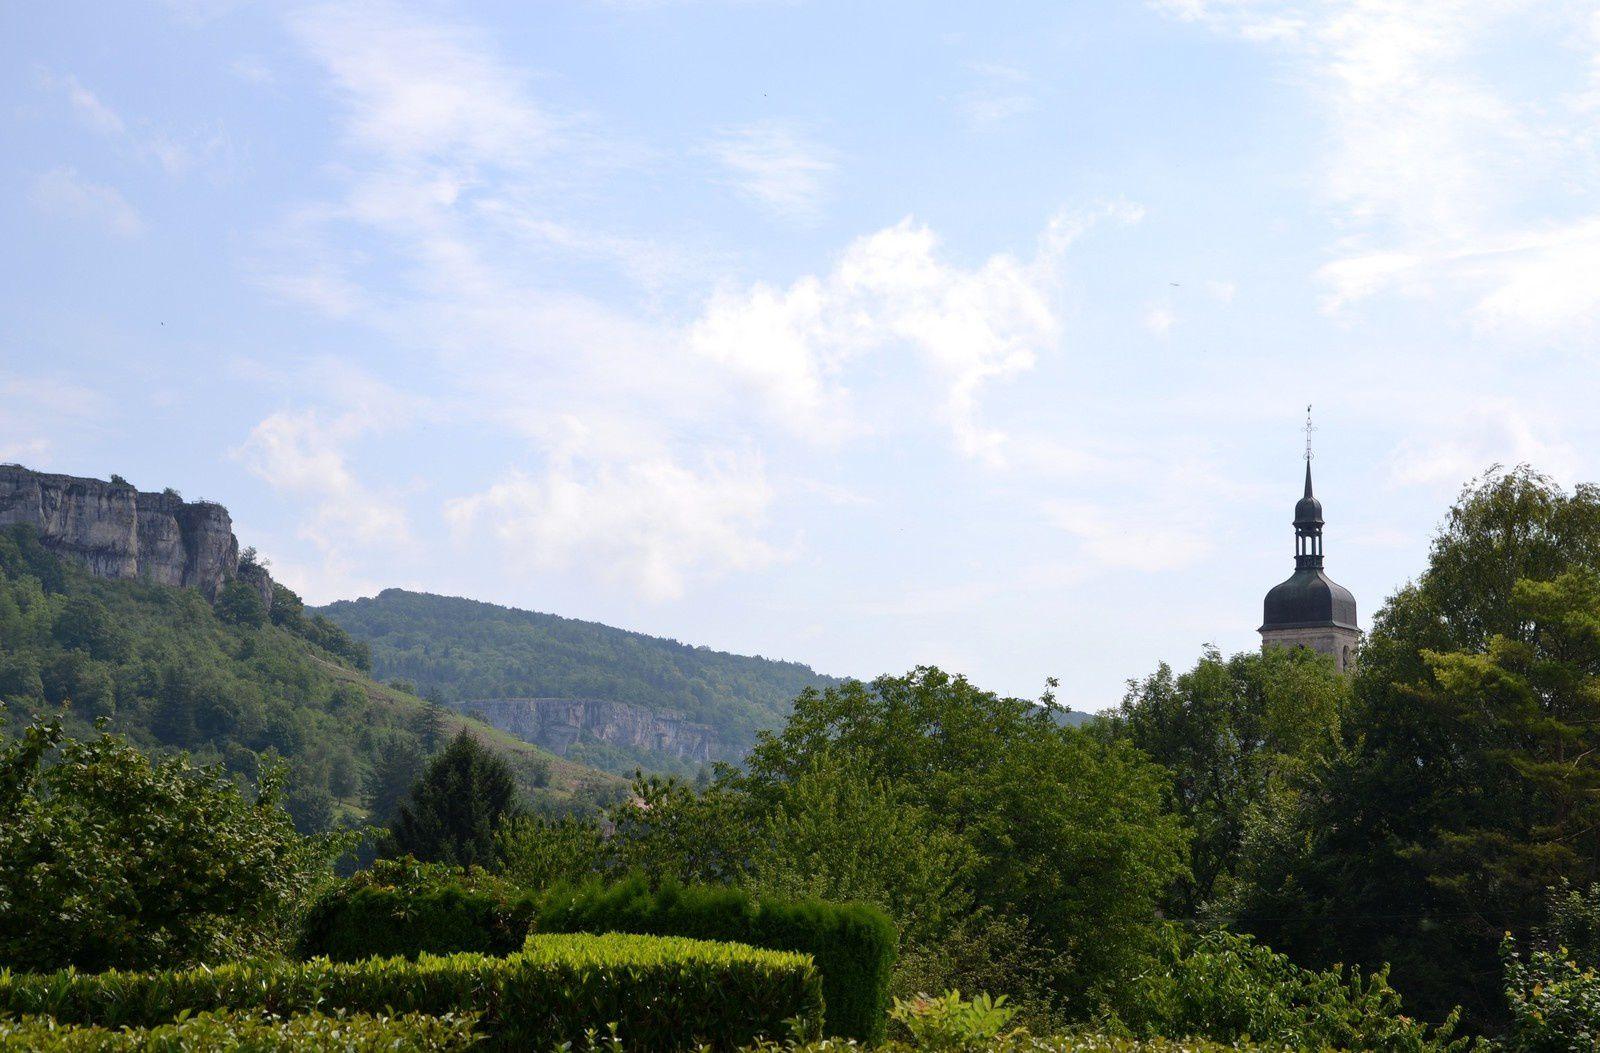 Le musée, le centre puis montée à la Roche Bottine